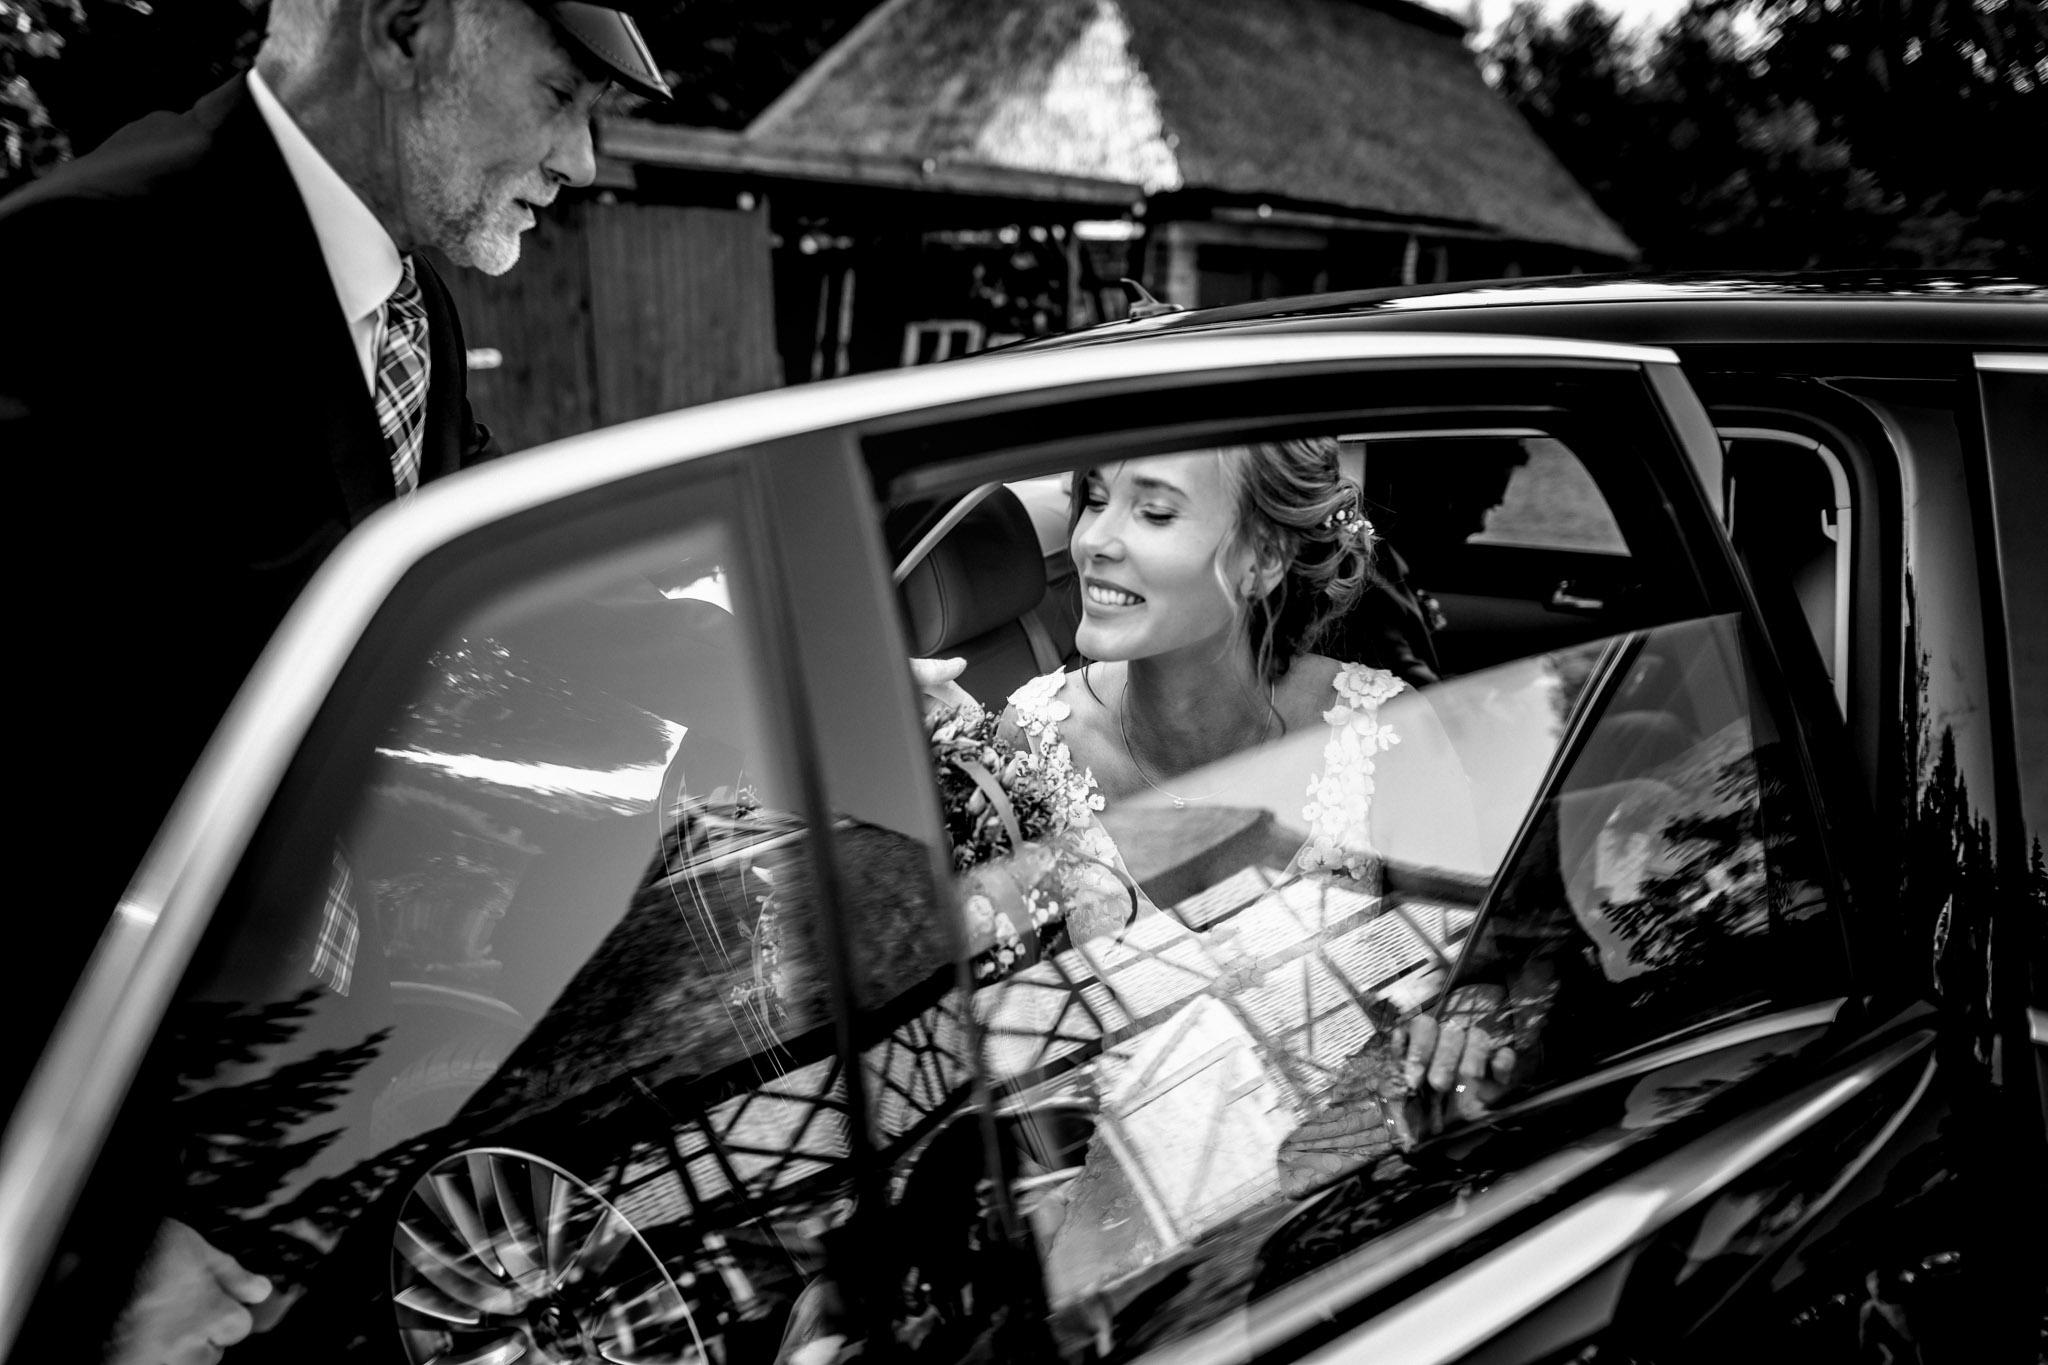 Sven Schomburg Hochzeitsfotografie, Hamburg, Mölln, Hochzeitsfieber by Photo-Schomburg, Hochzeitsreportage, Forsthaus Waldhusen, Braut, Bräutigam-57